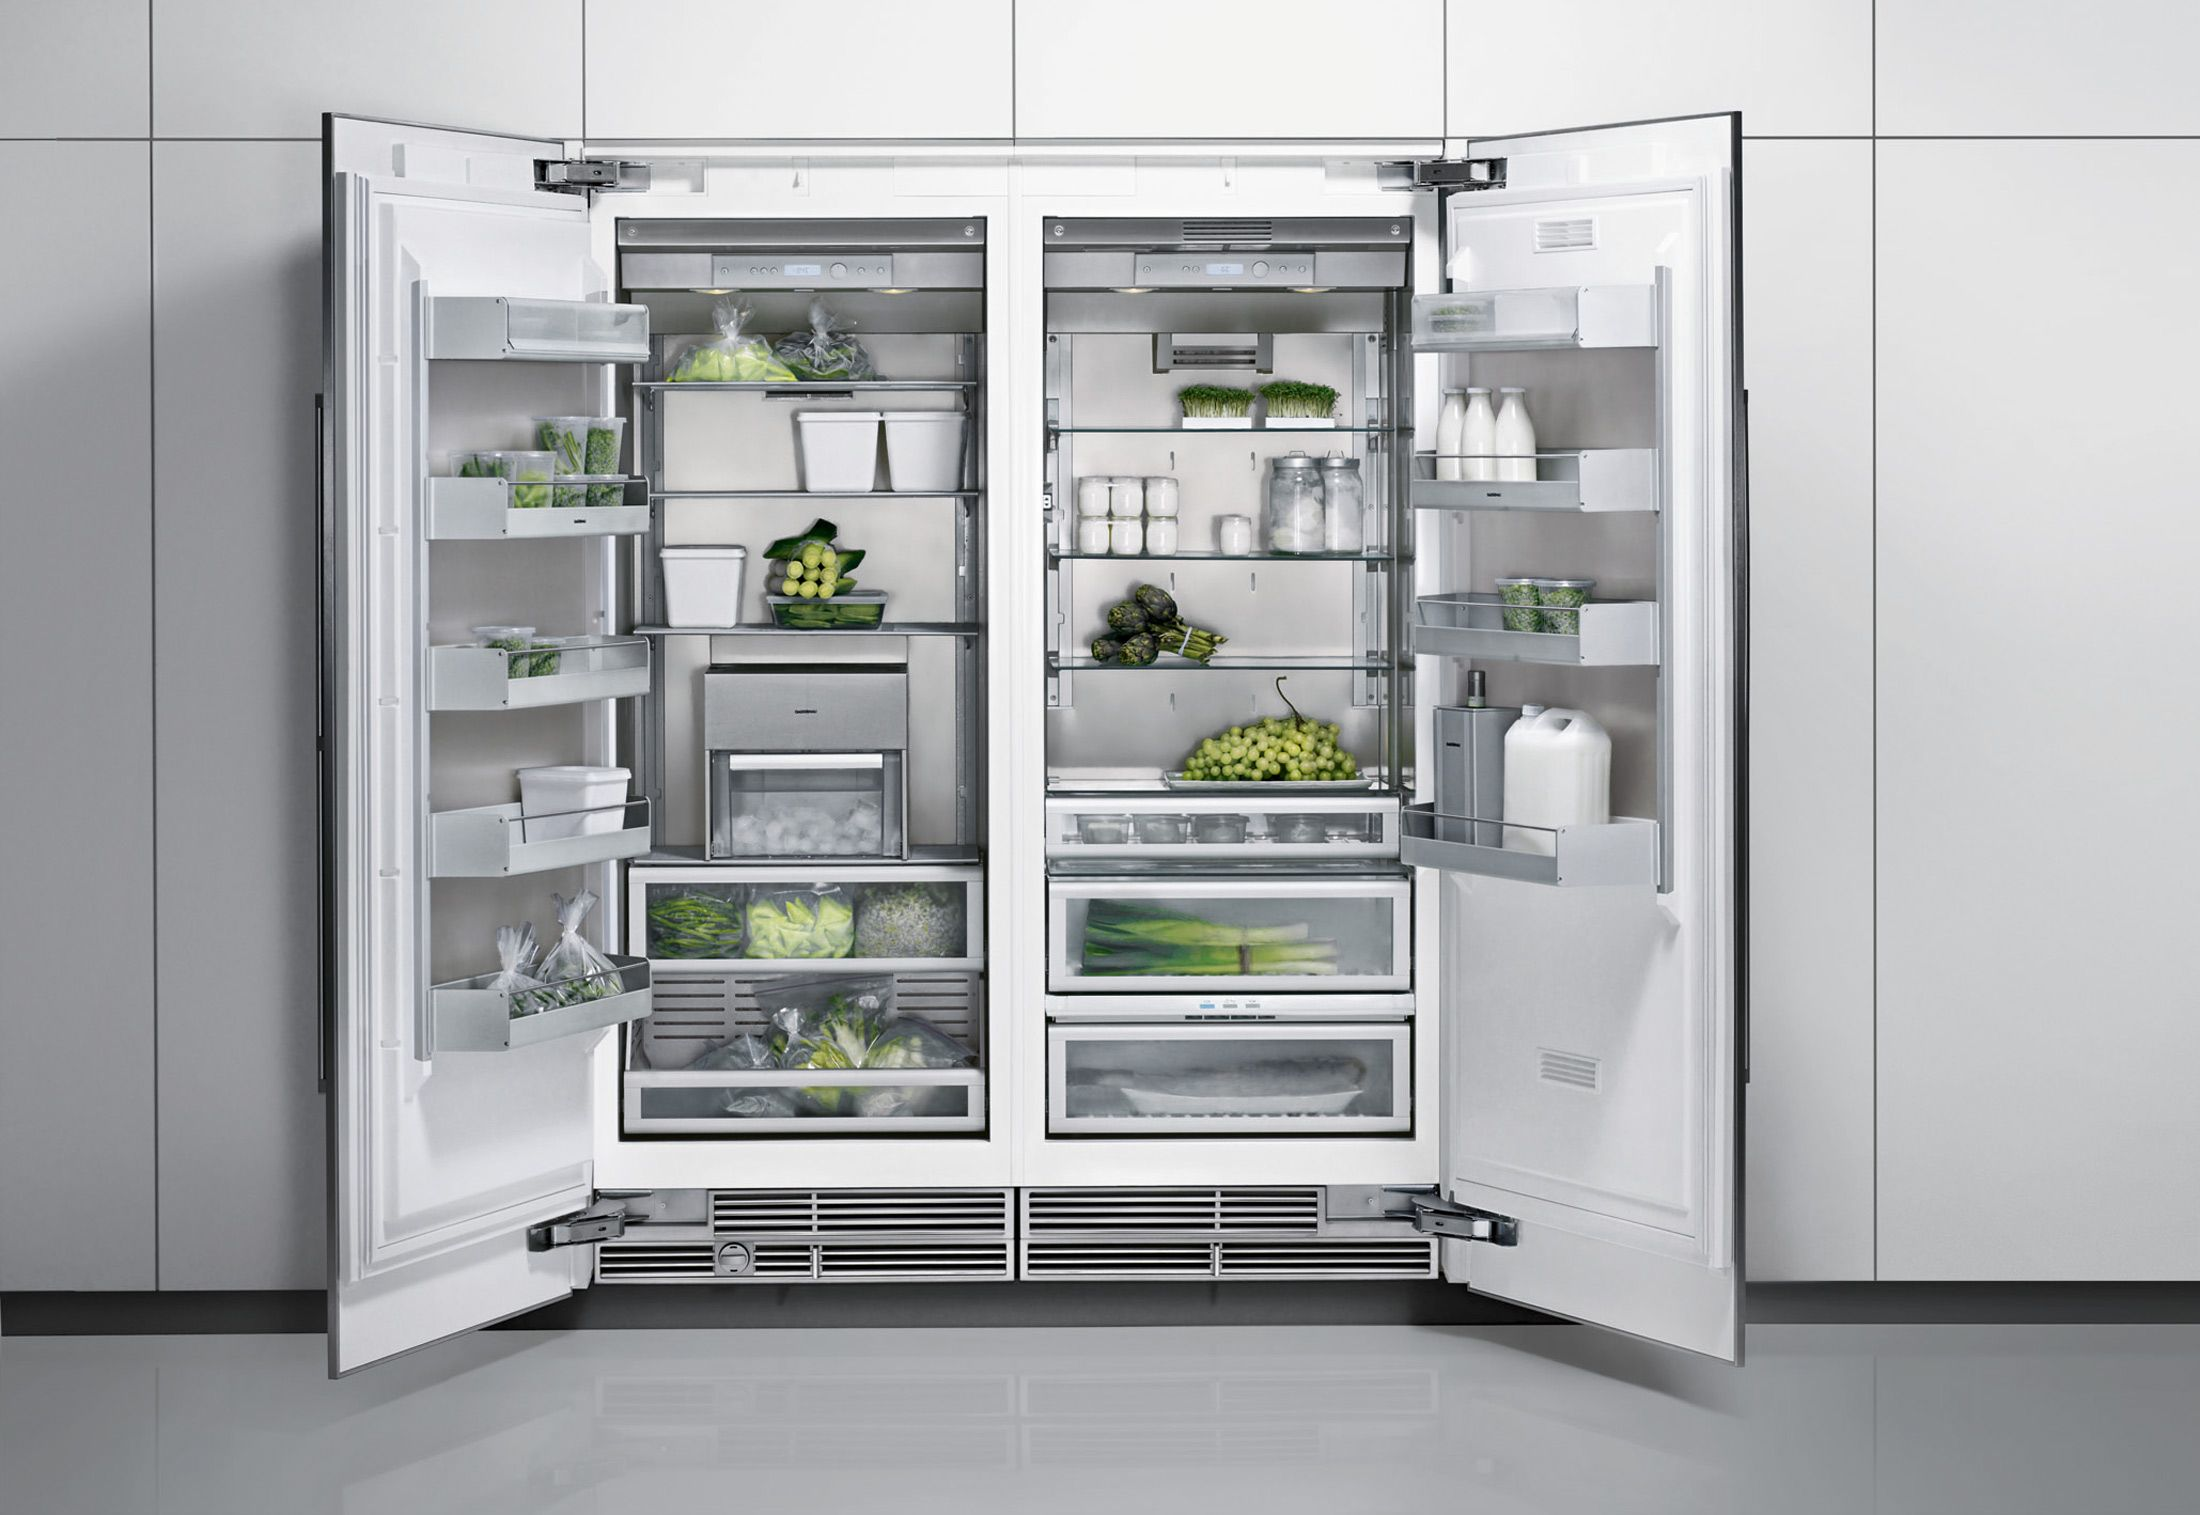 Gaggenau Kühlschrank Side By Side gaggenau doubke refrigerator home in the